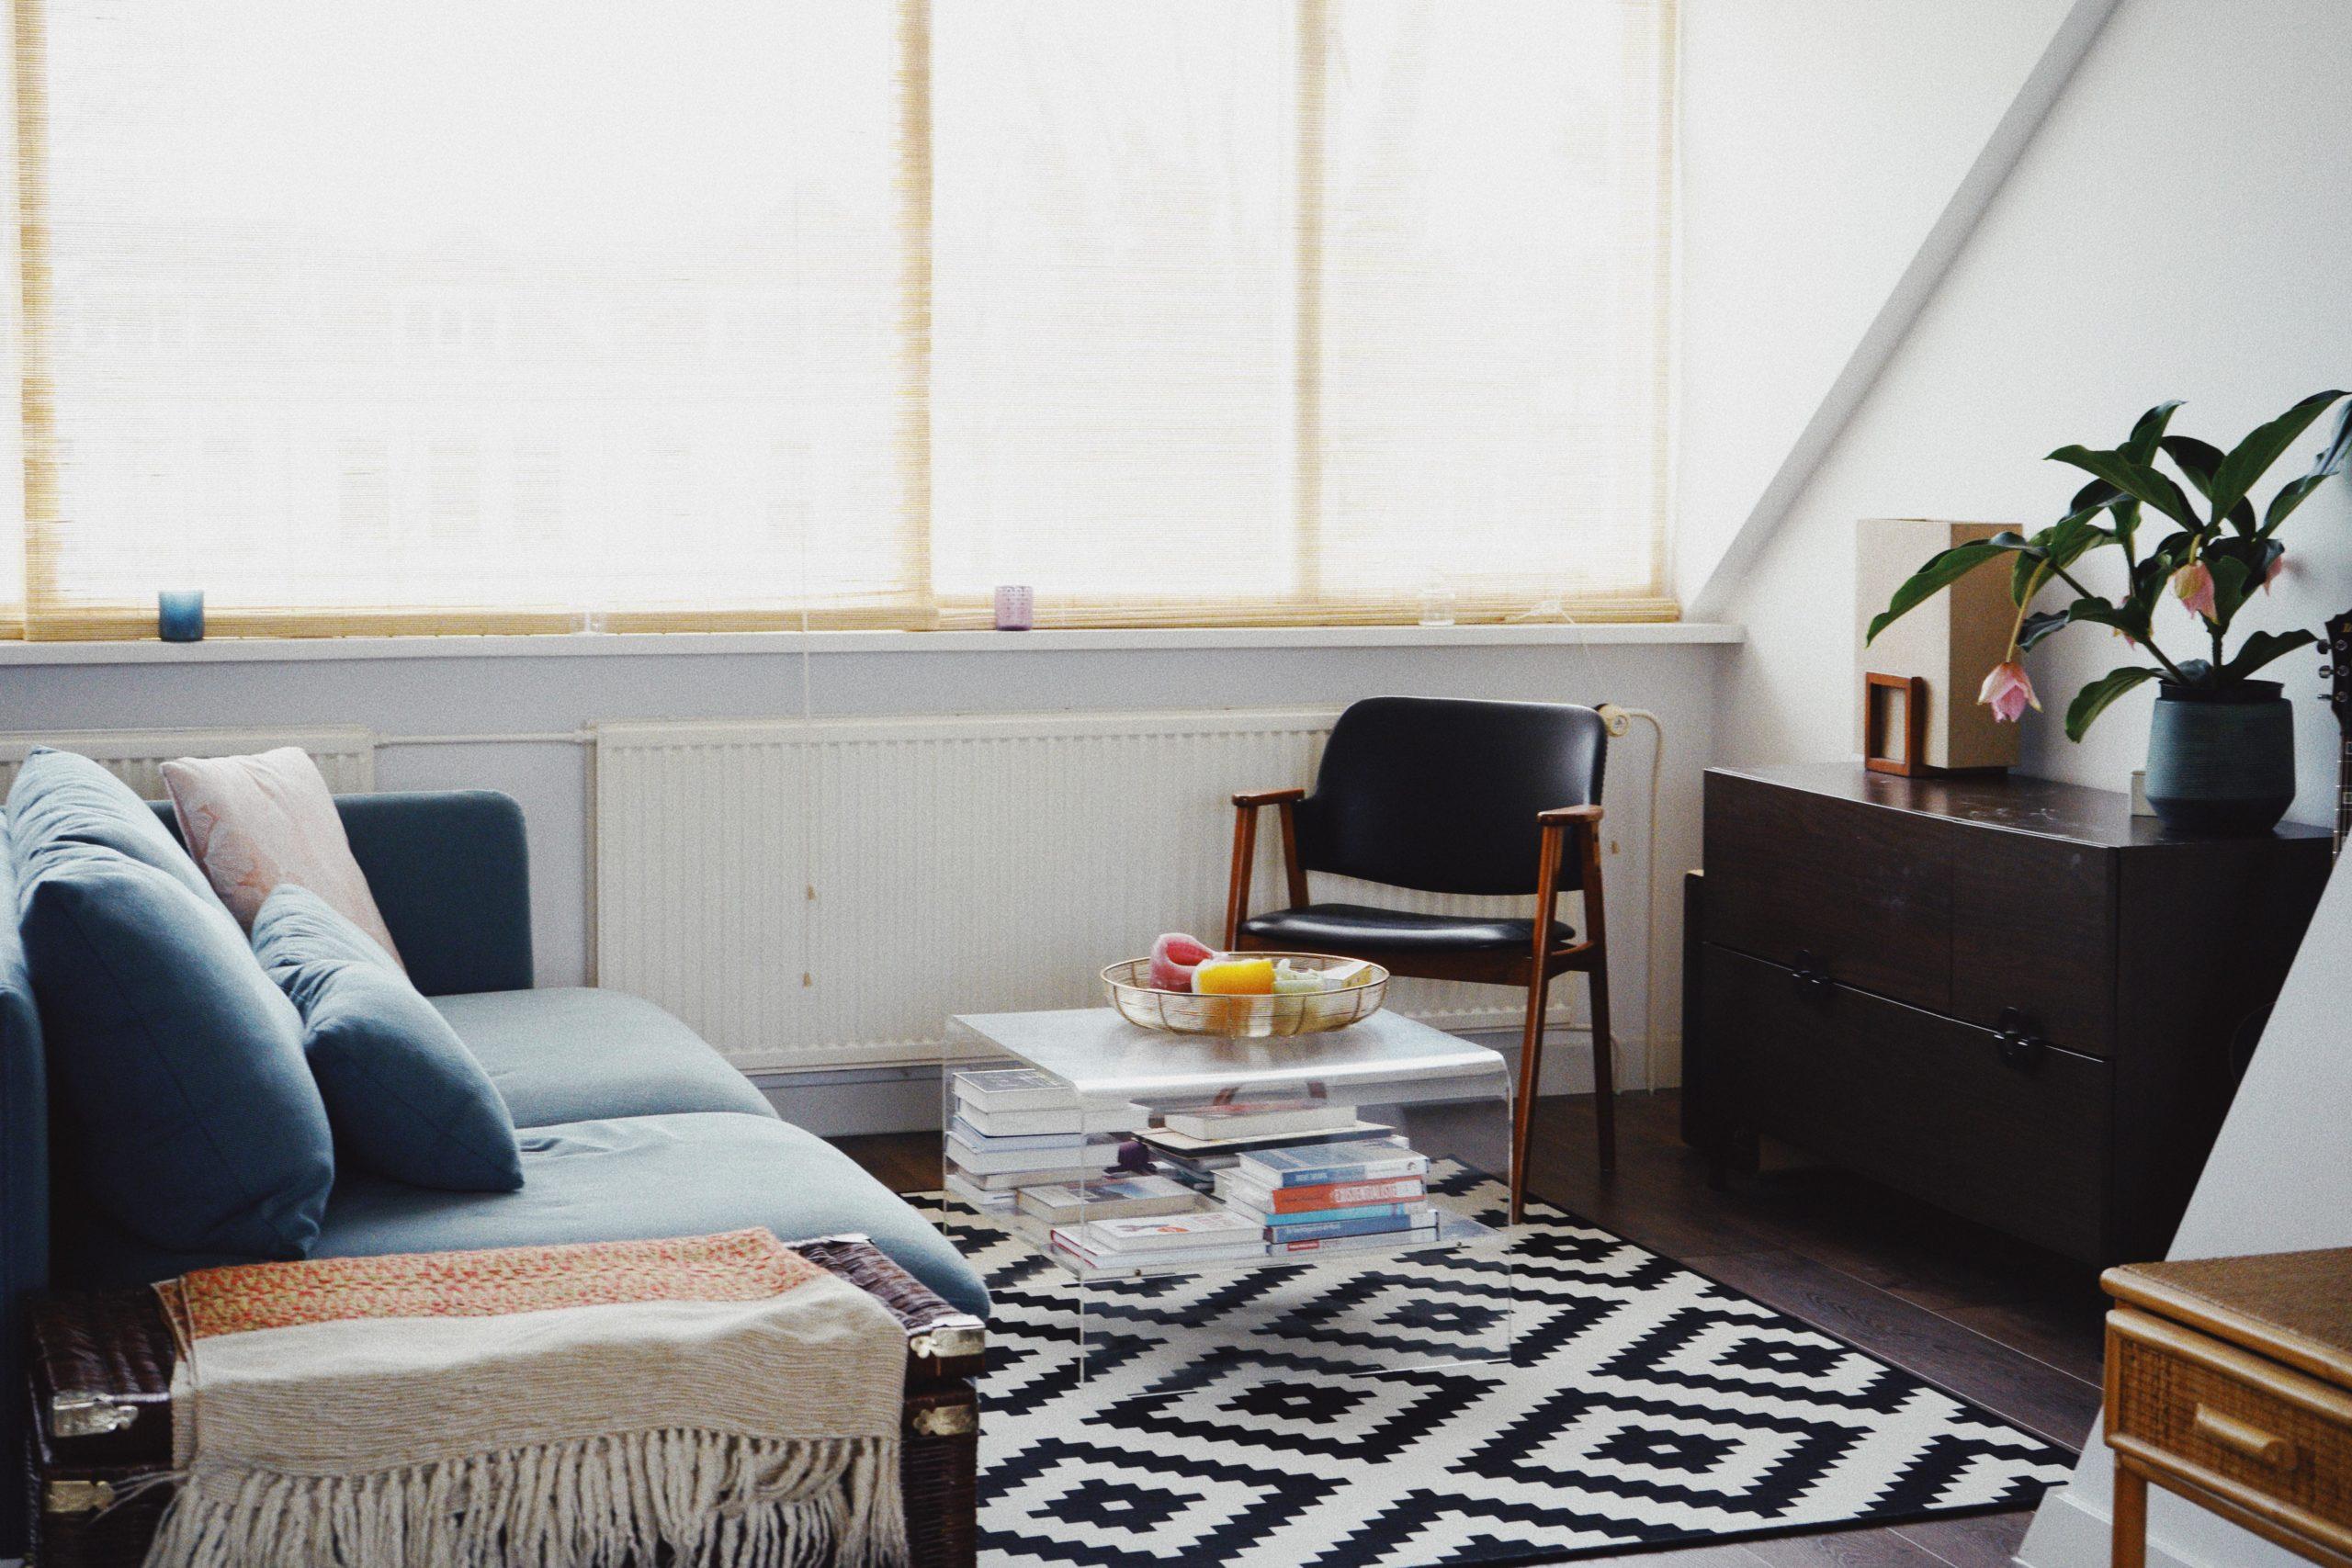 Wohnzimmer mit Türkisem sofa plexiglastisch Sessel und sideboard